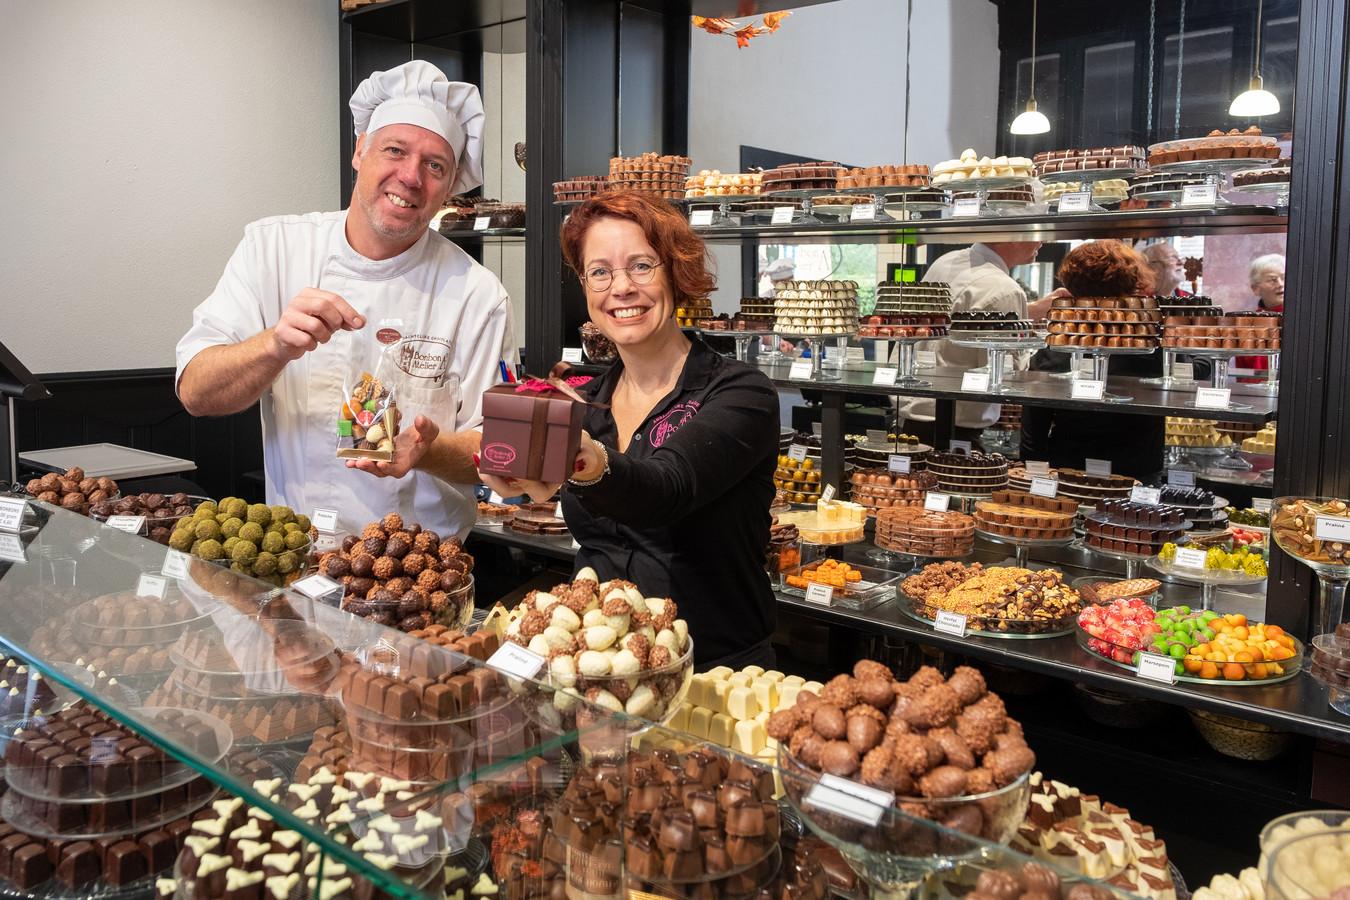 Jeroen Kikkert en zijn vrouw Agnes Kikkert hebben enkele jaren geleden Bonbonatelier A3 in Hattem overgenomen. Zaterdag zijn ze hét middelpunt van het grote Chocoladefestival.